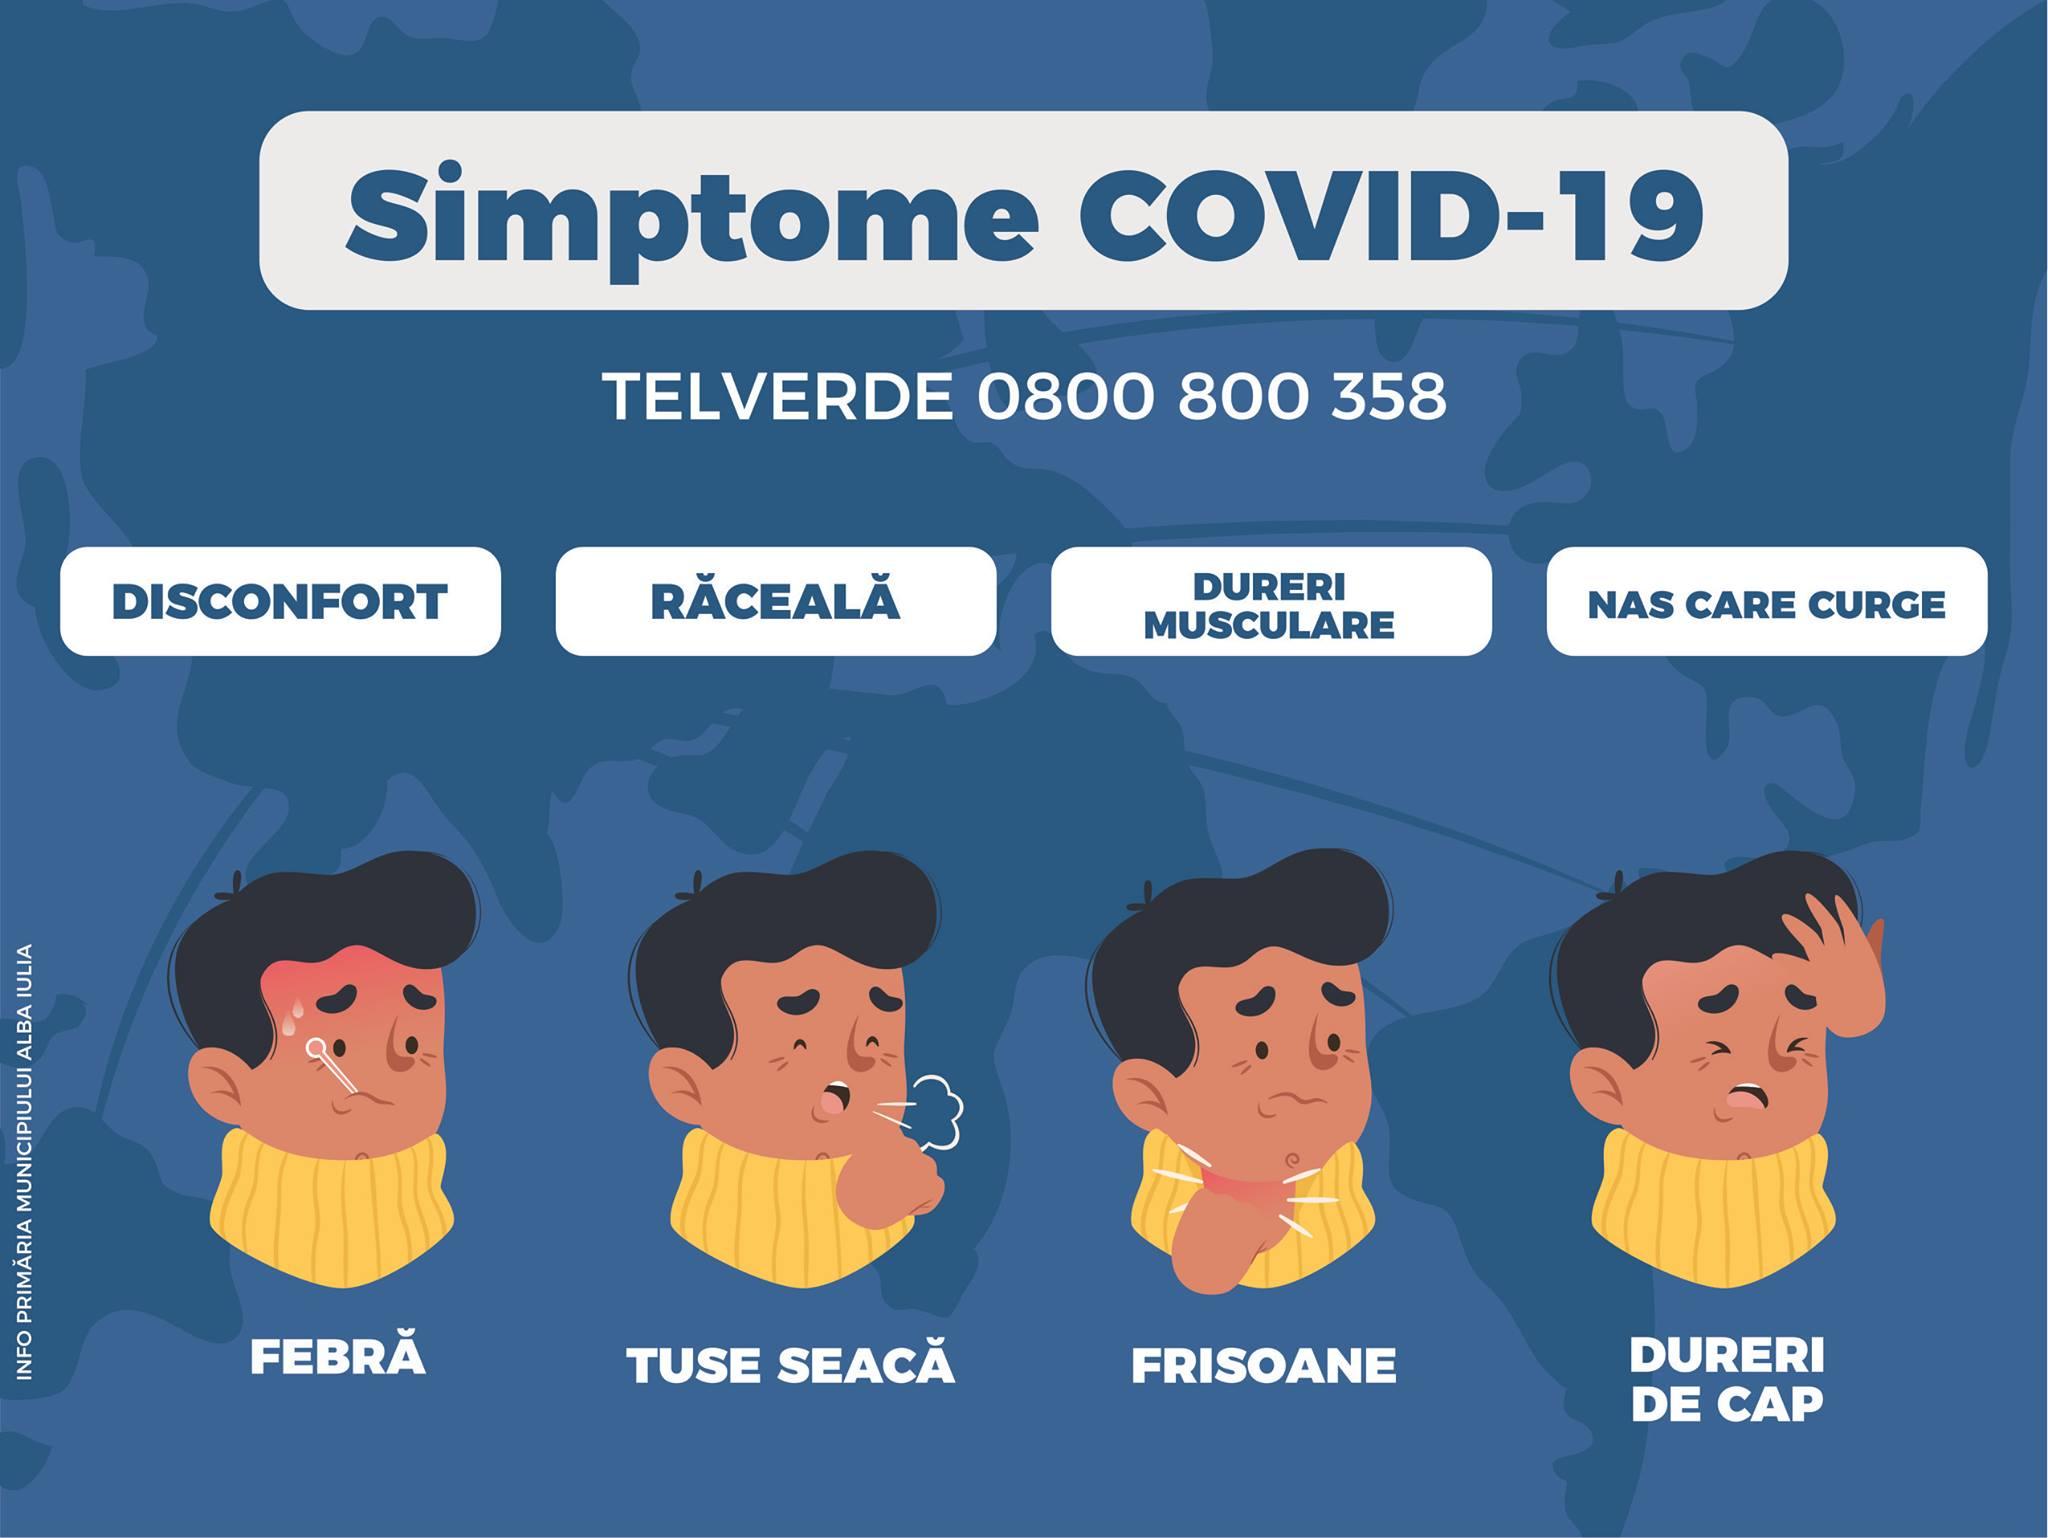 CORONAVIRUS: Cum anunț suspiciunea de coronavirus?